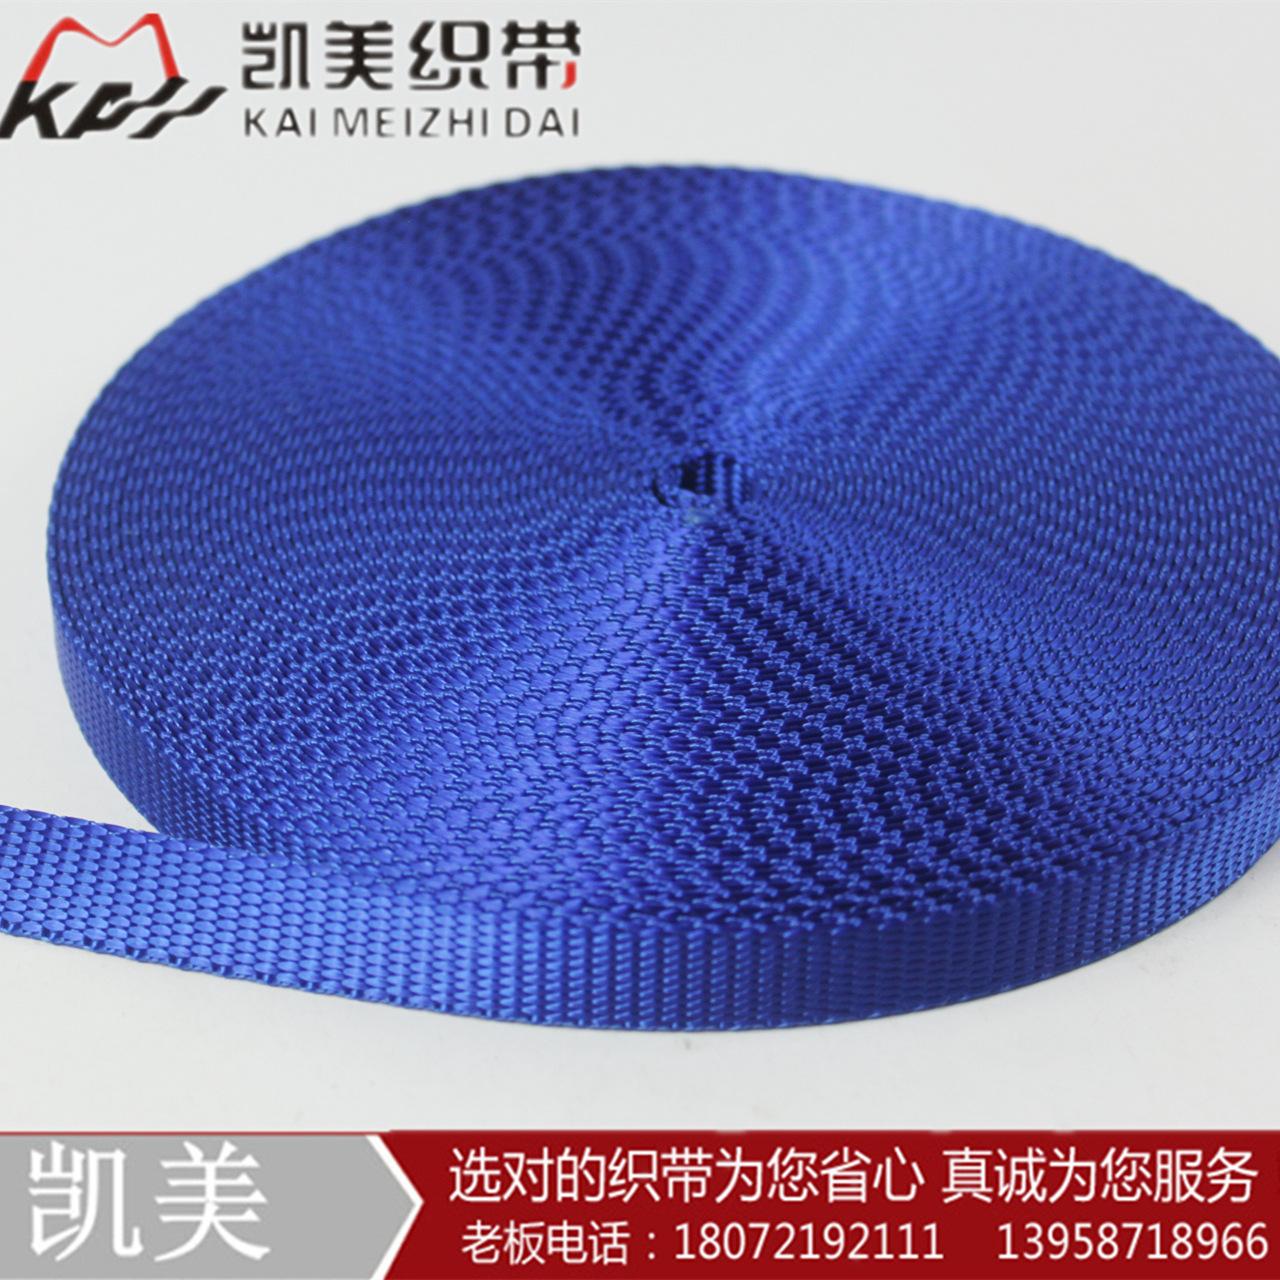 供应厂家订做1.5cm宠物带 胸带涤纶织带 仿尼龙织带